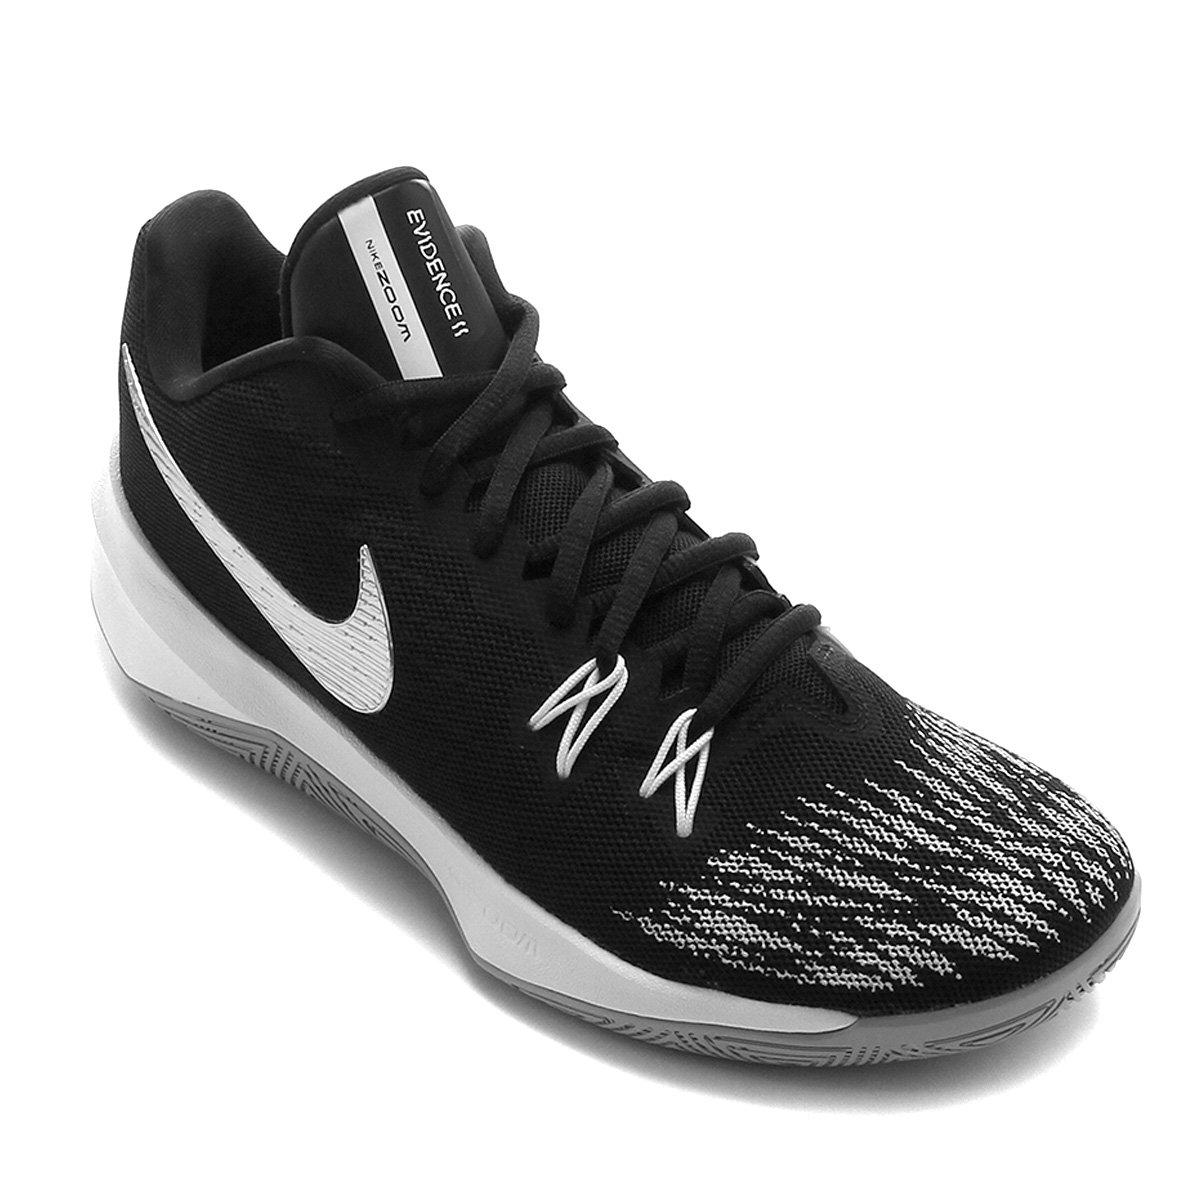 0228971a179e2 Tênis Nike Zoom Evidence II Masculino - Preto e Cinza   Loja NBA